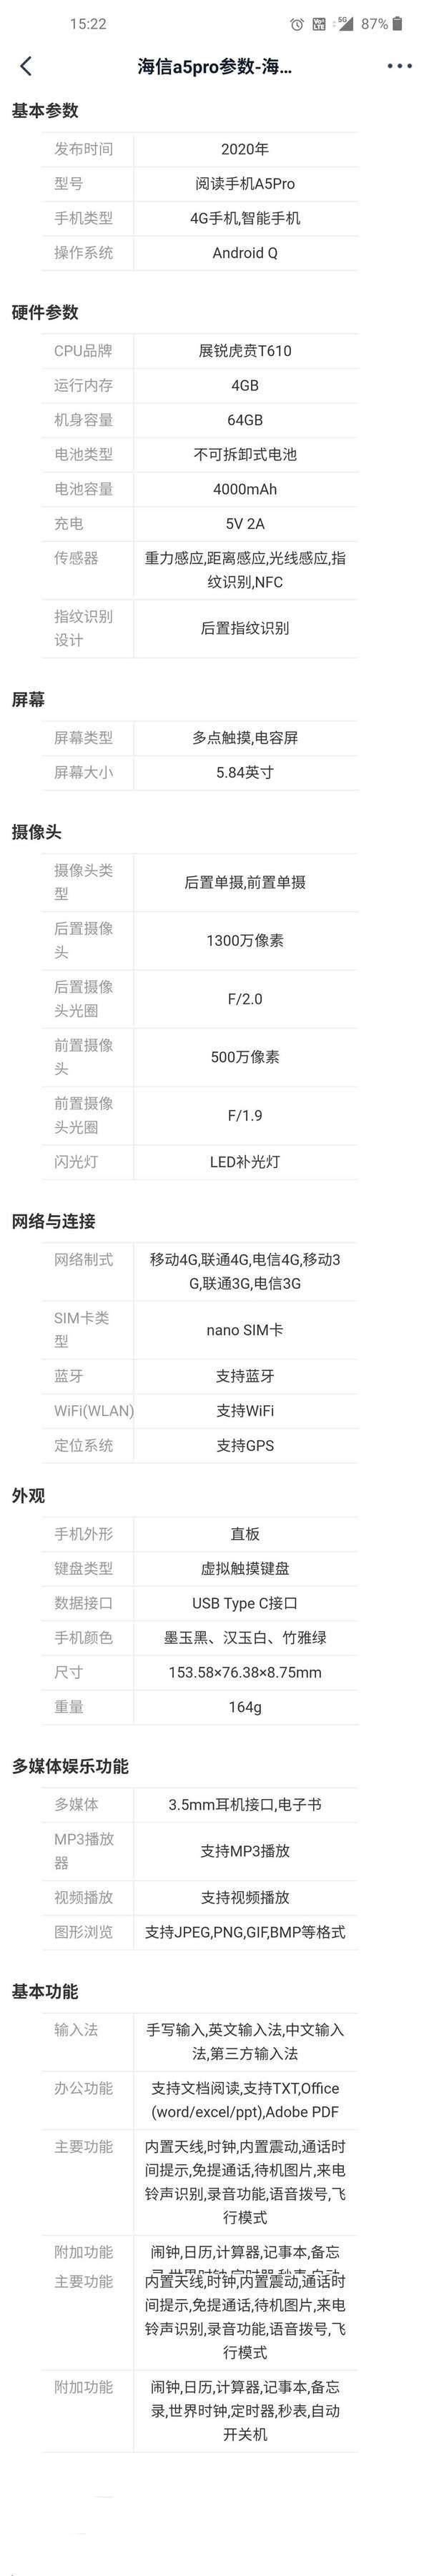 海信阅读手机A5pro参数配置怎么样?值得入手吗?